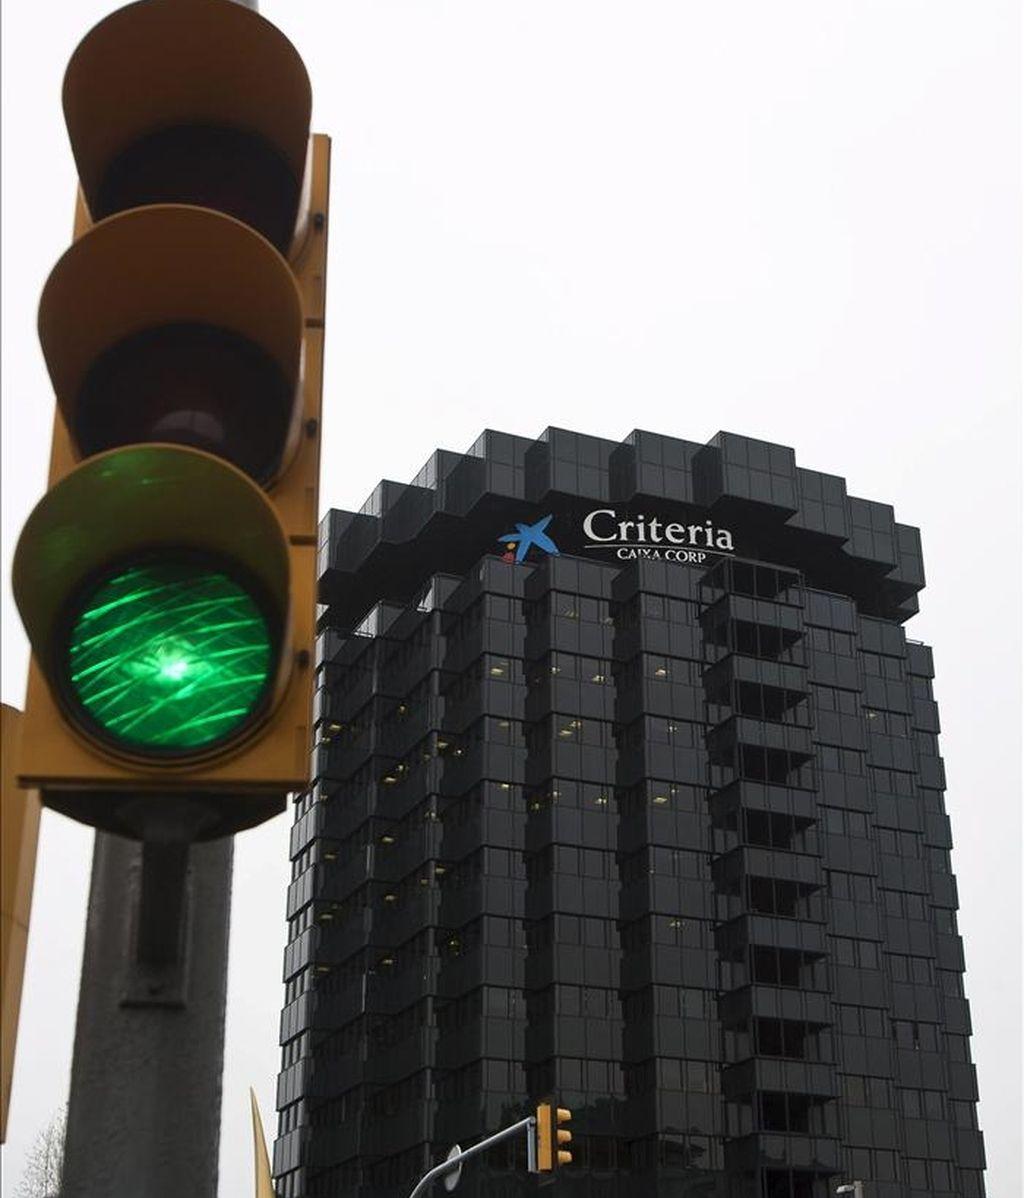 Vista de las oficinas centrales de La Caixa, en la avenida Diagonal de Barcelona. EFE/Archivo